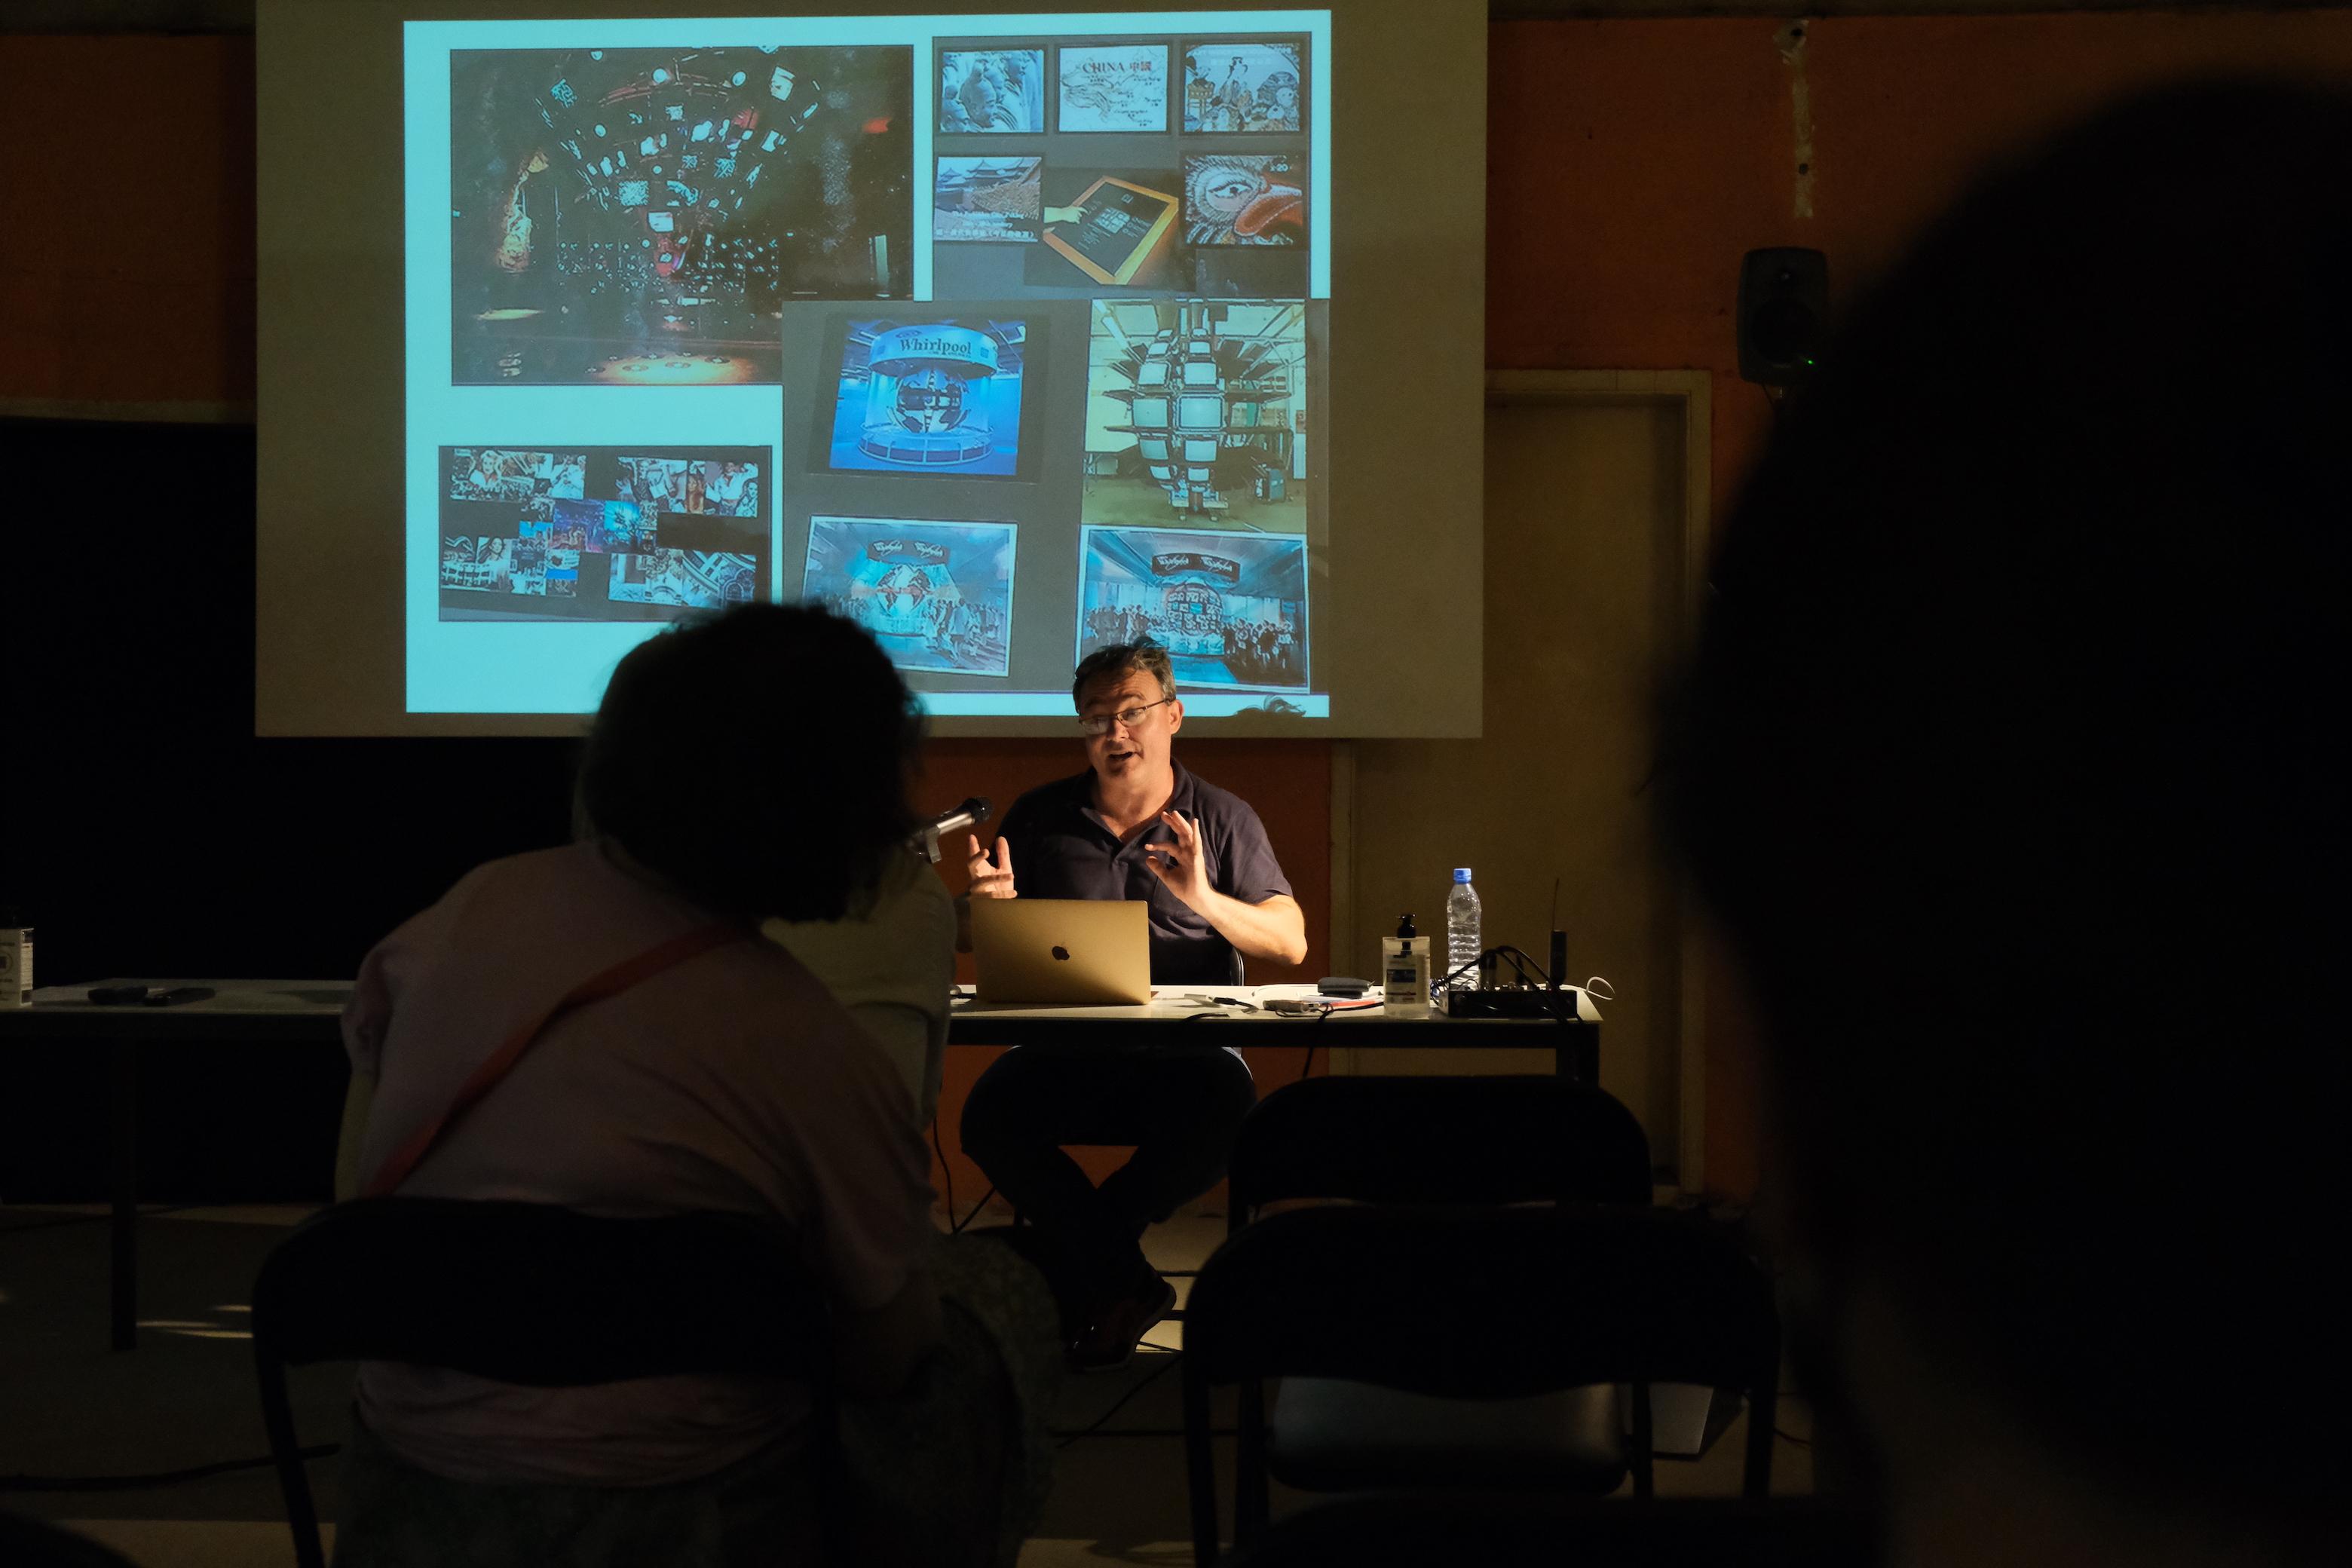 Film School Program by Scott Anthony